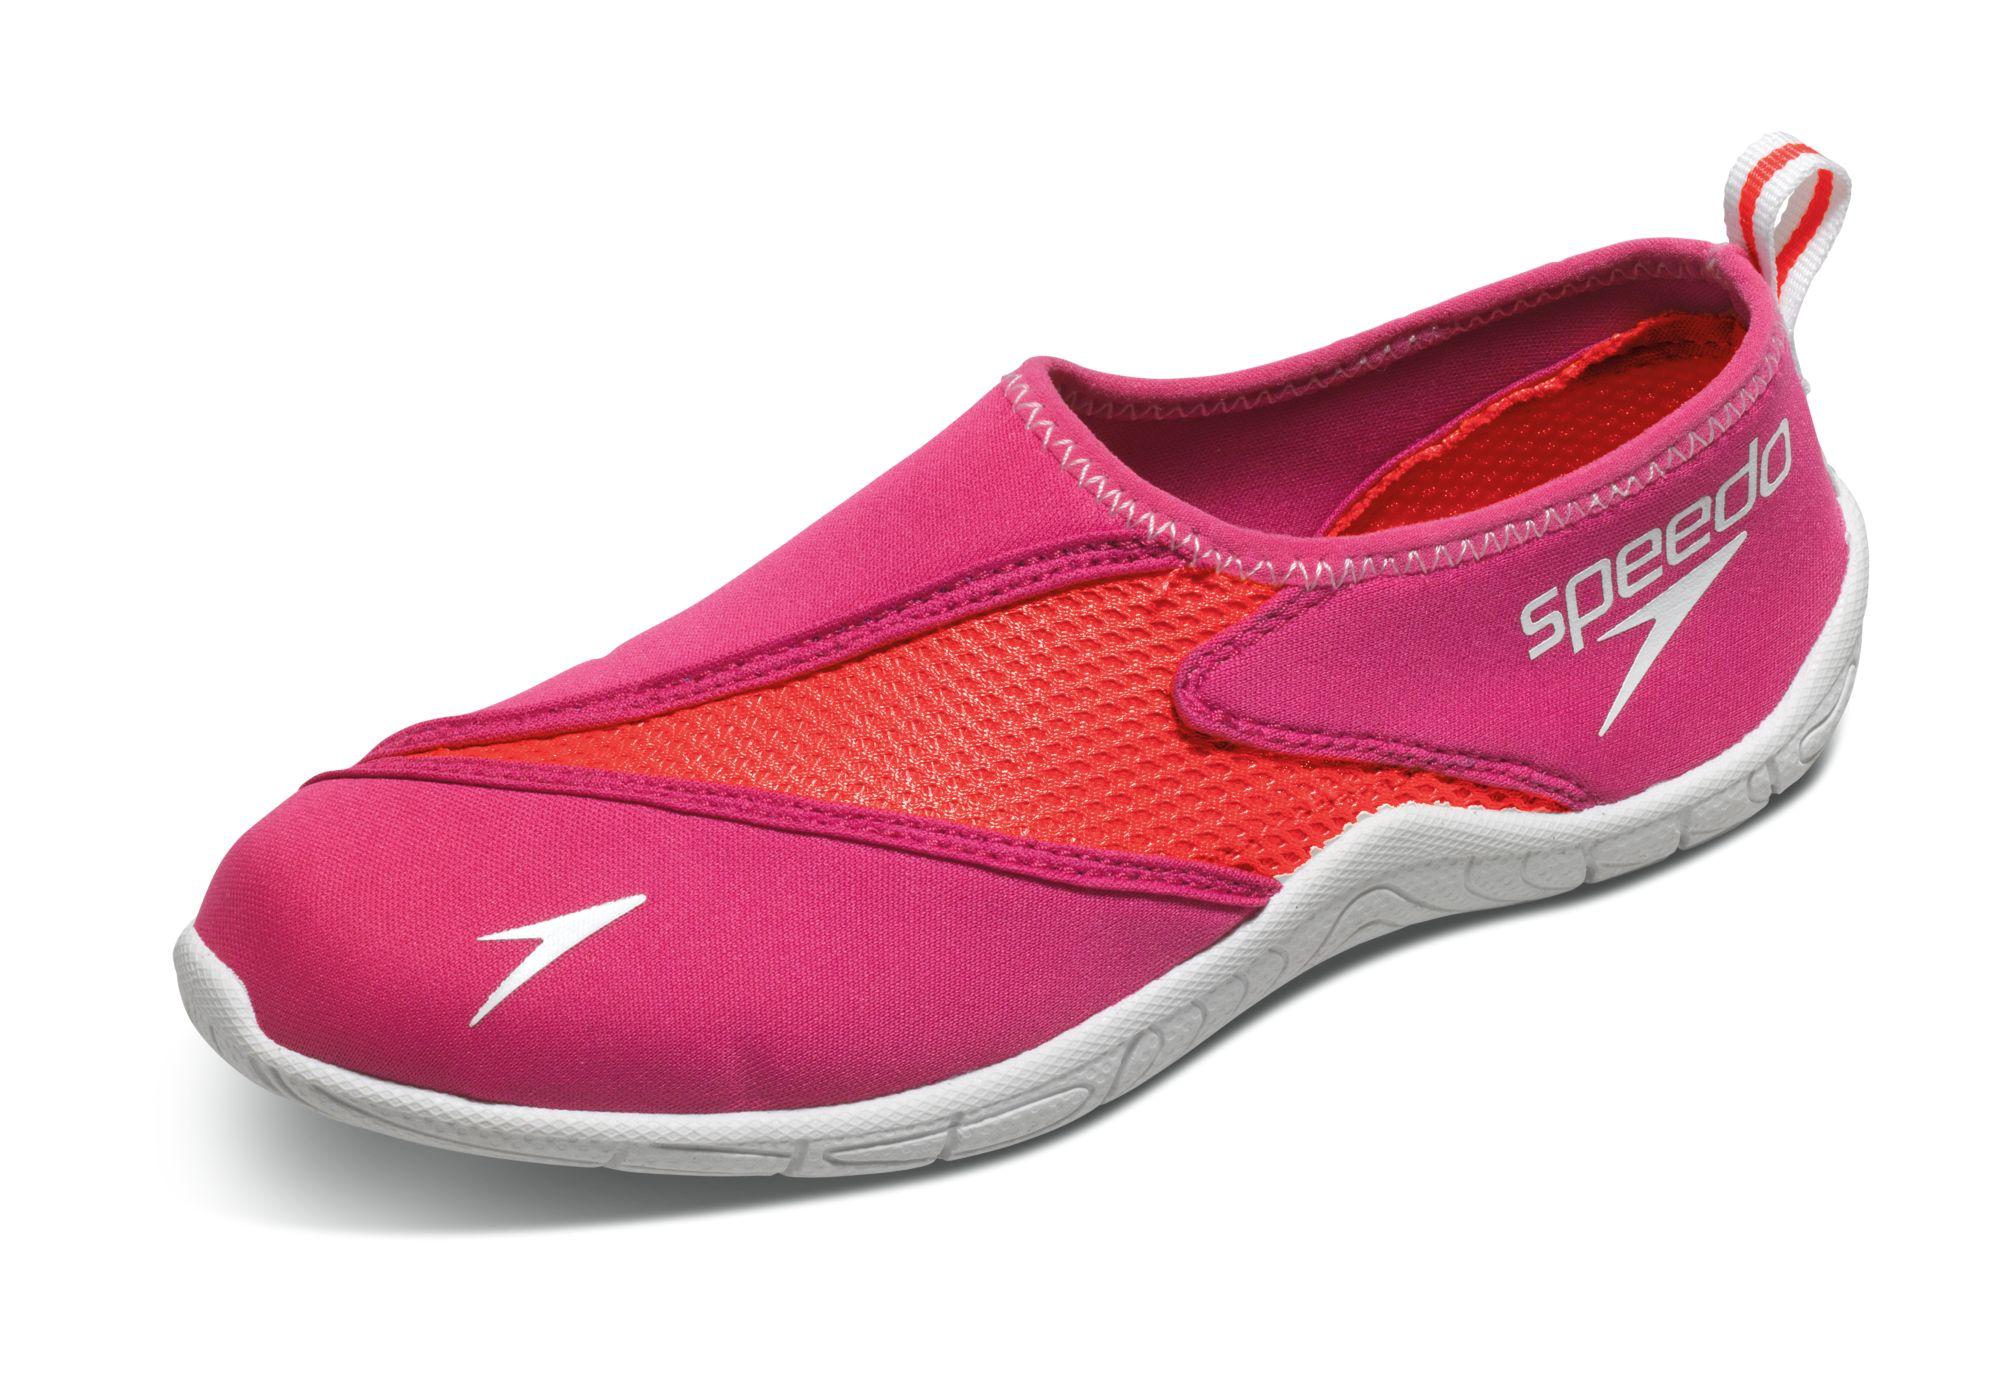 Women's Surfwalker Pro 3.0 Water Shoes